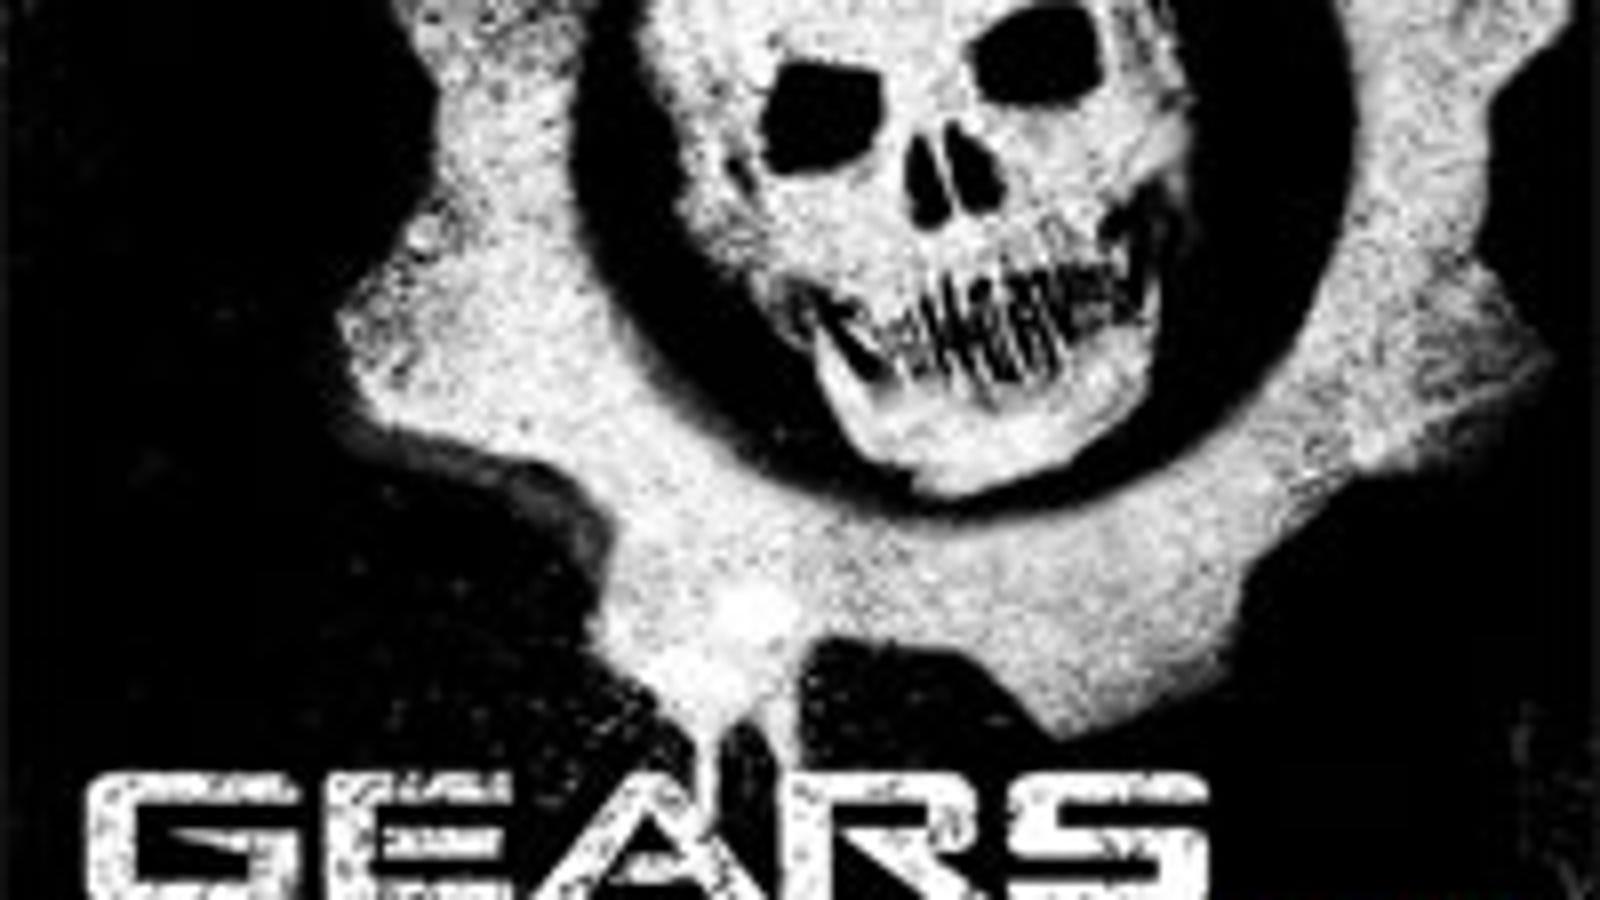 descargar gears of war 1 xbox 360 torrent